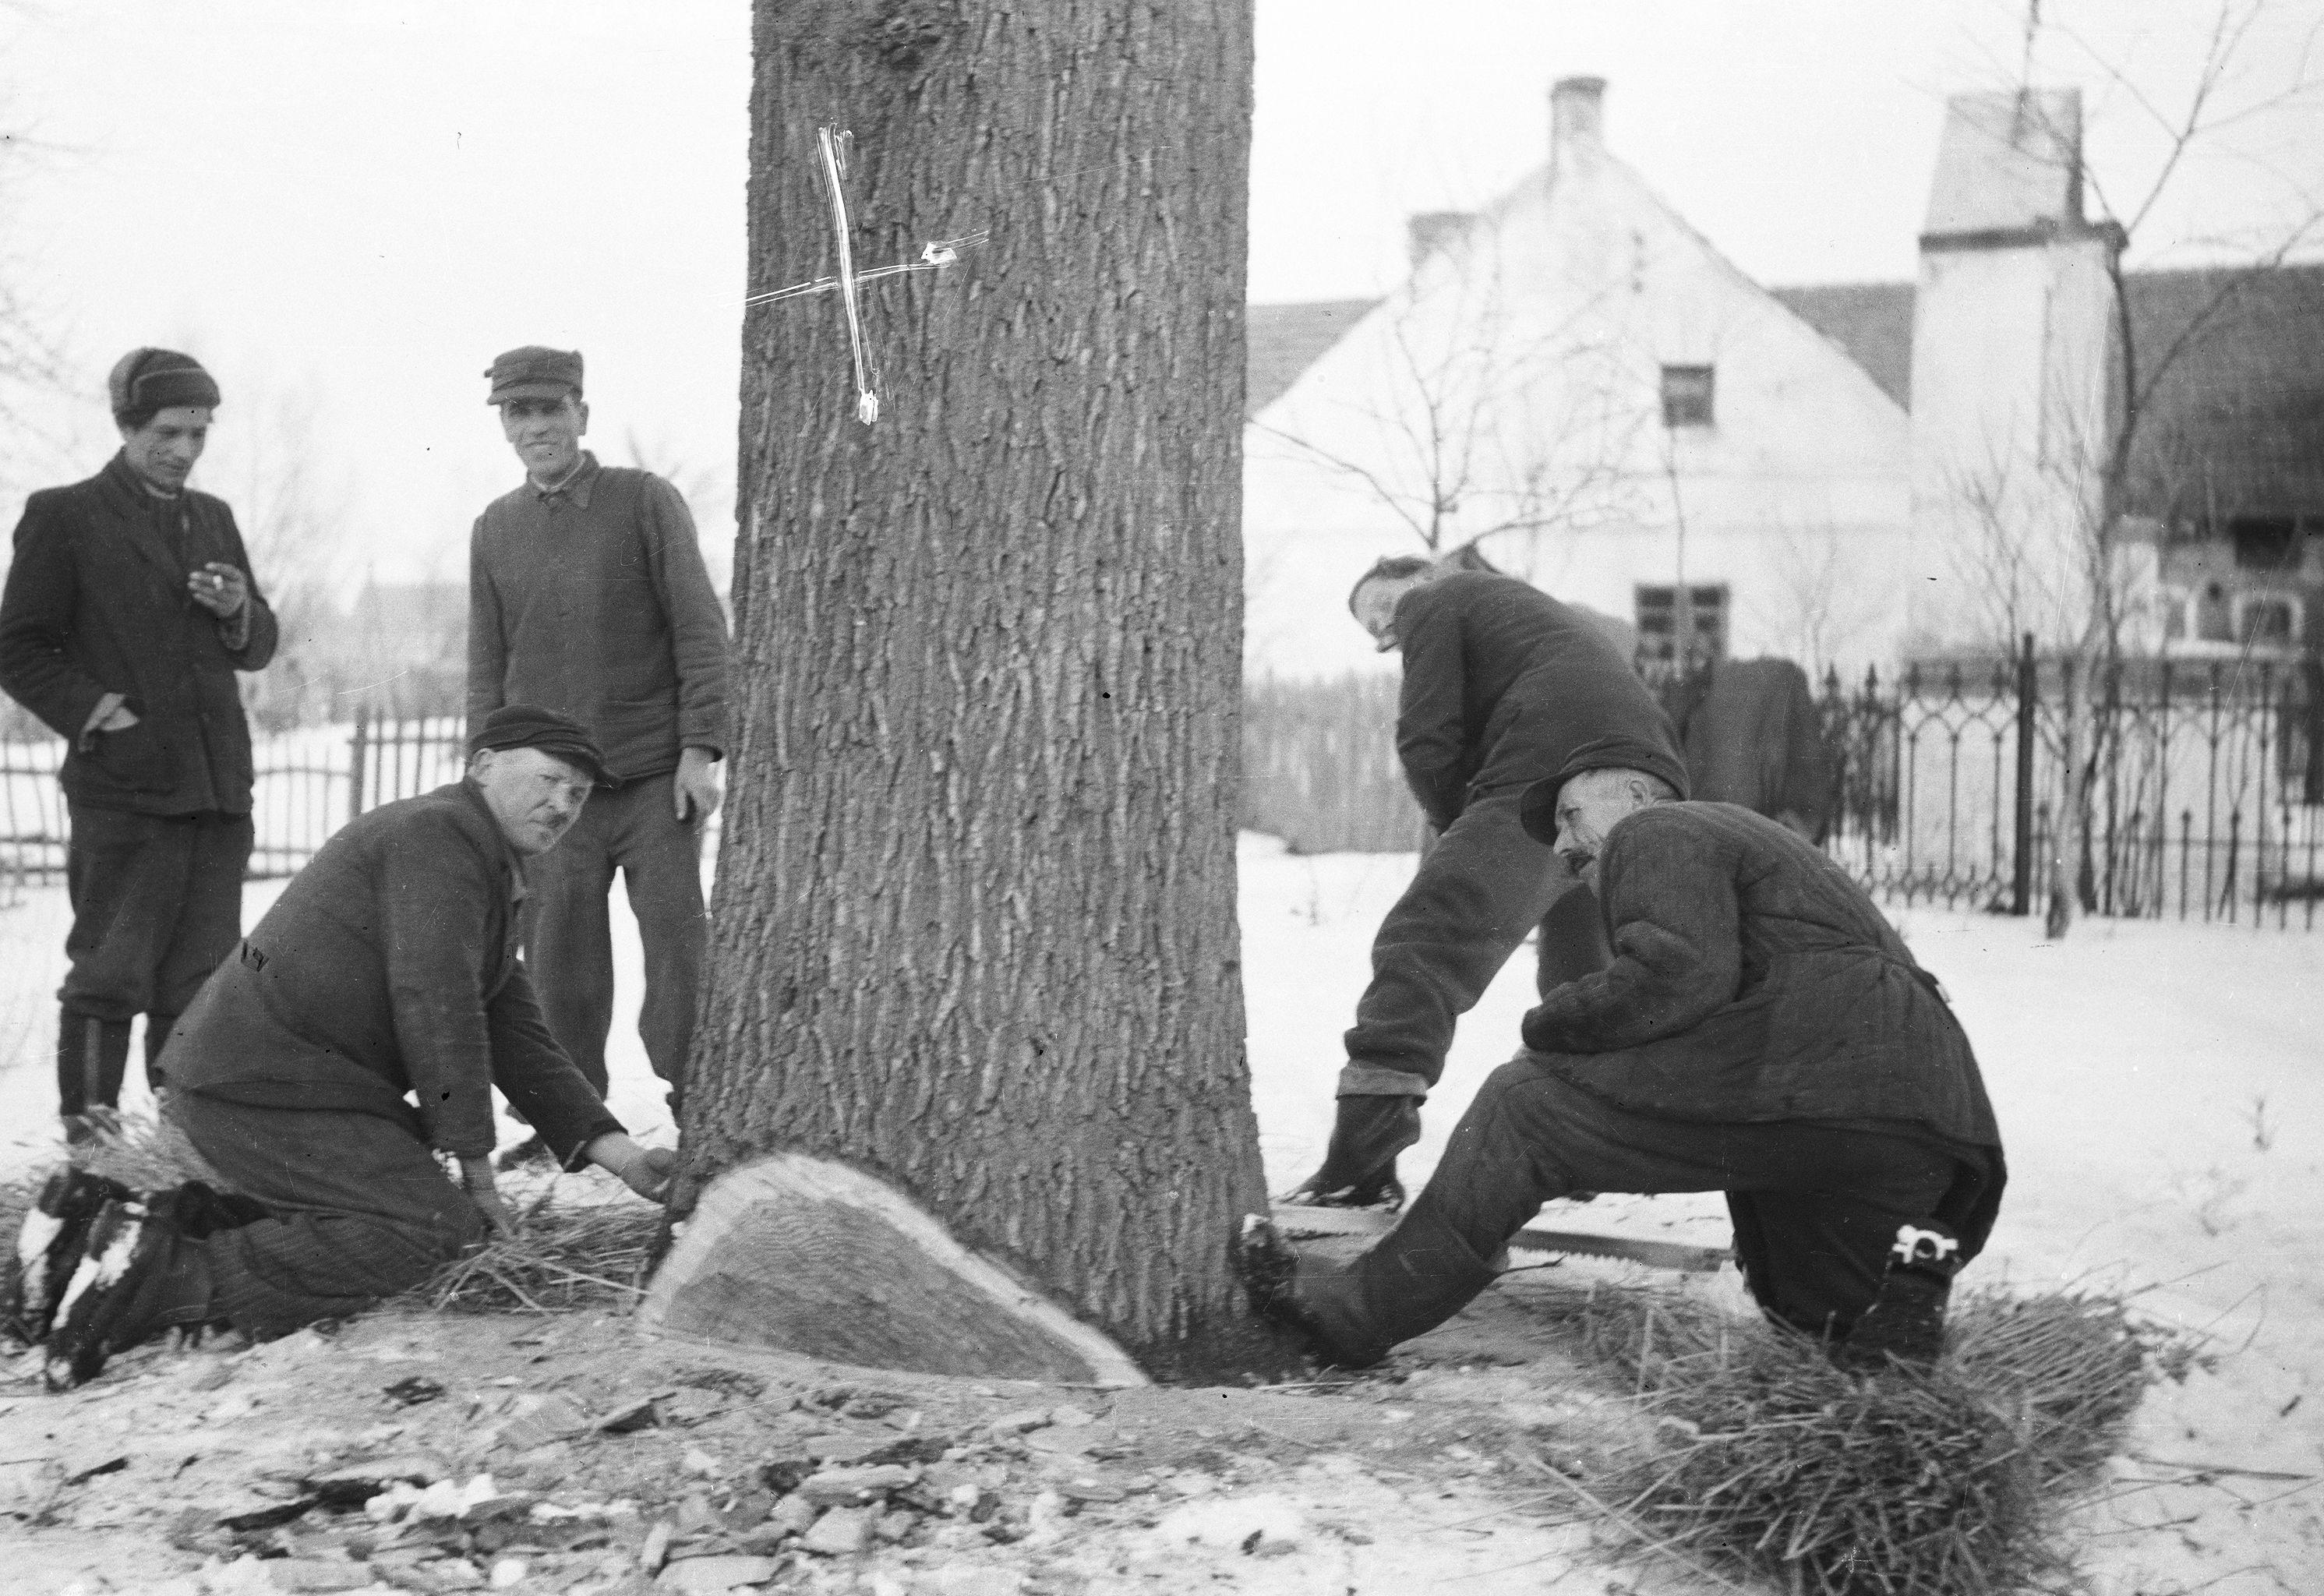 Pomoc sąsiedzka, od lewej: Stanisław Szwaj, Jan Pietruszka, Władysław Czyżowicz, Piotr i Kazimierz Waetanowicz, Brzózka, lata 50. XX w.